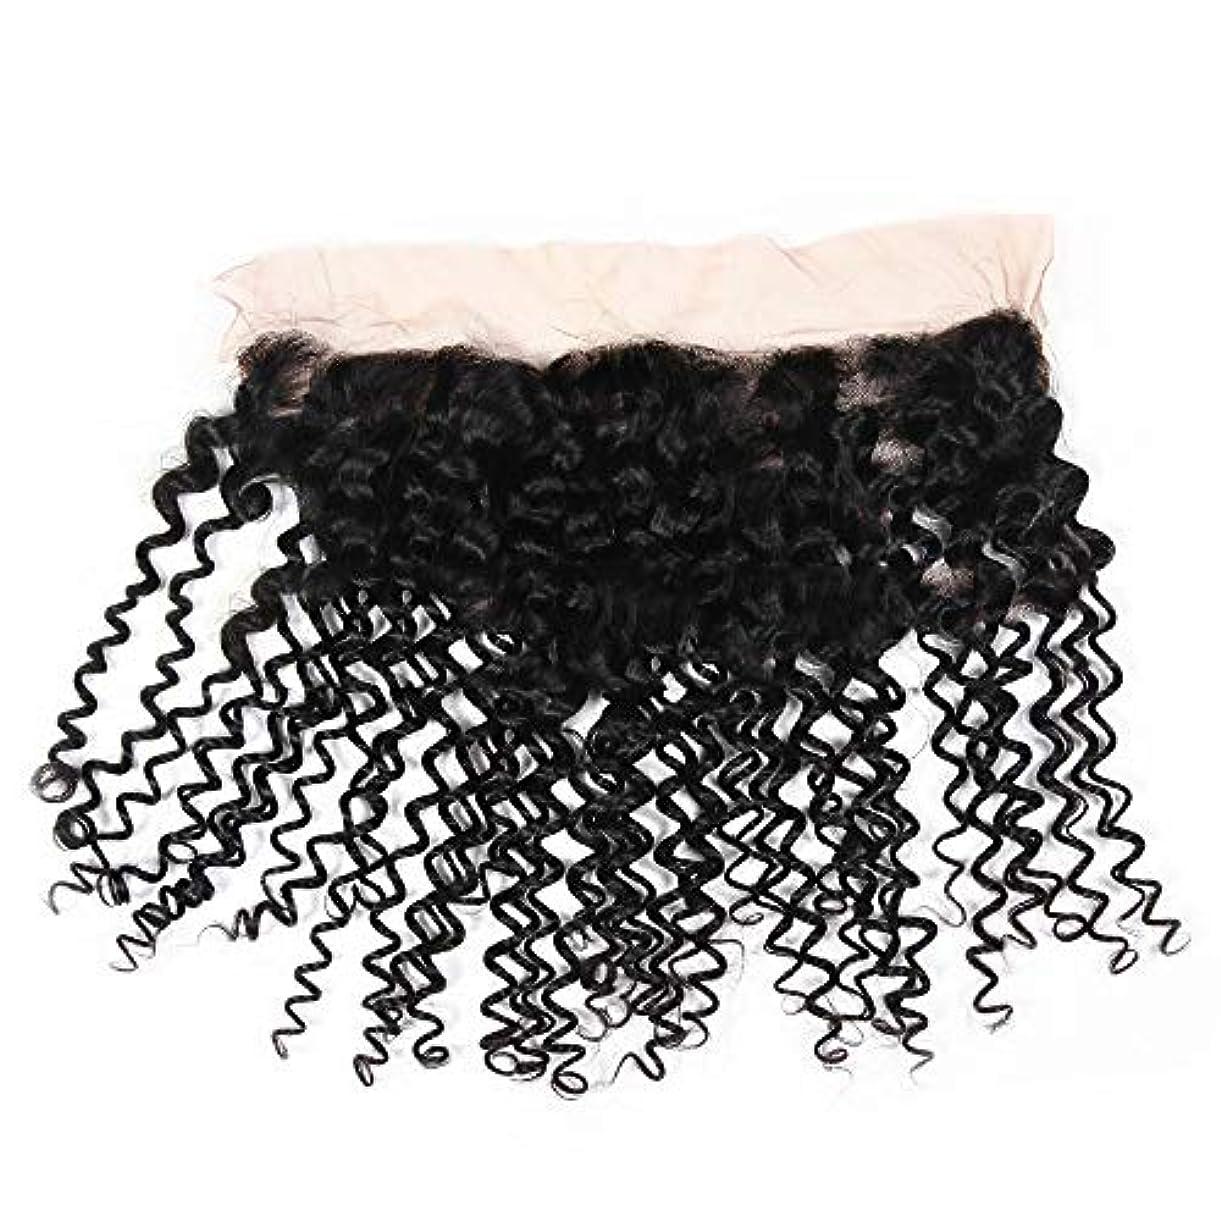 統計根絶するマエストロWASAIO ブラジル人のRemyの人間の毛髪の閉鎖の毛の自然な色 (色 : 黒, サイズ : 20 inch)